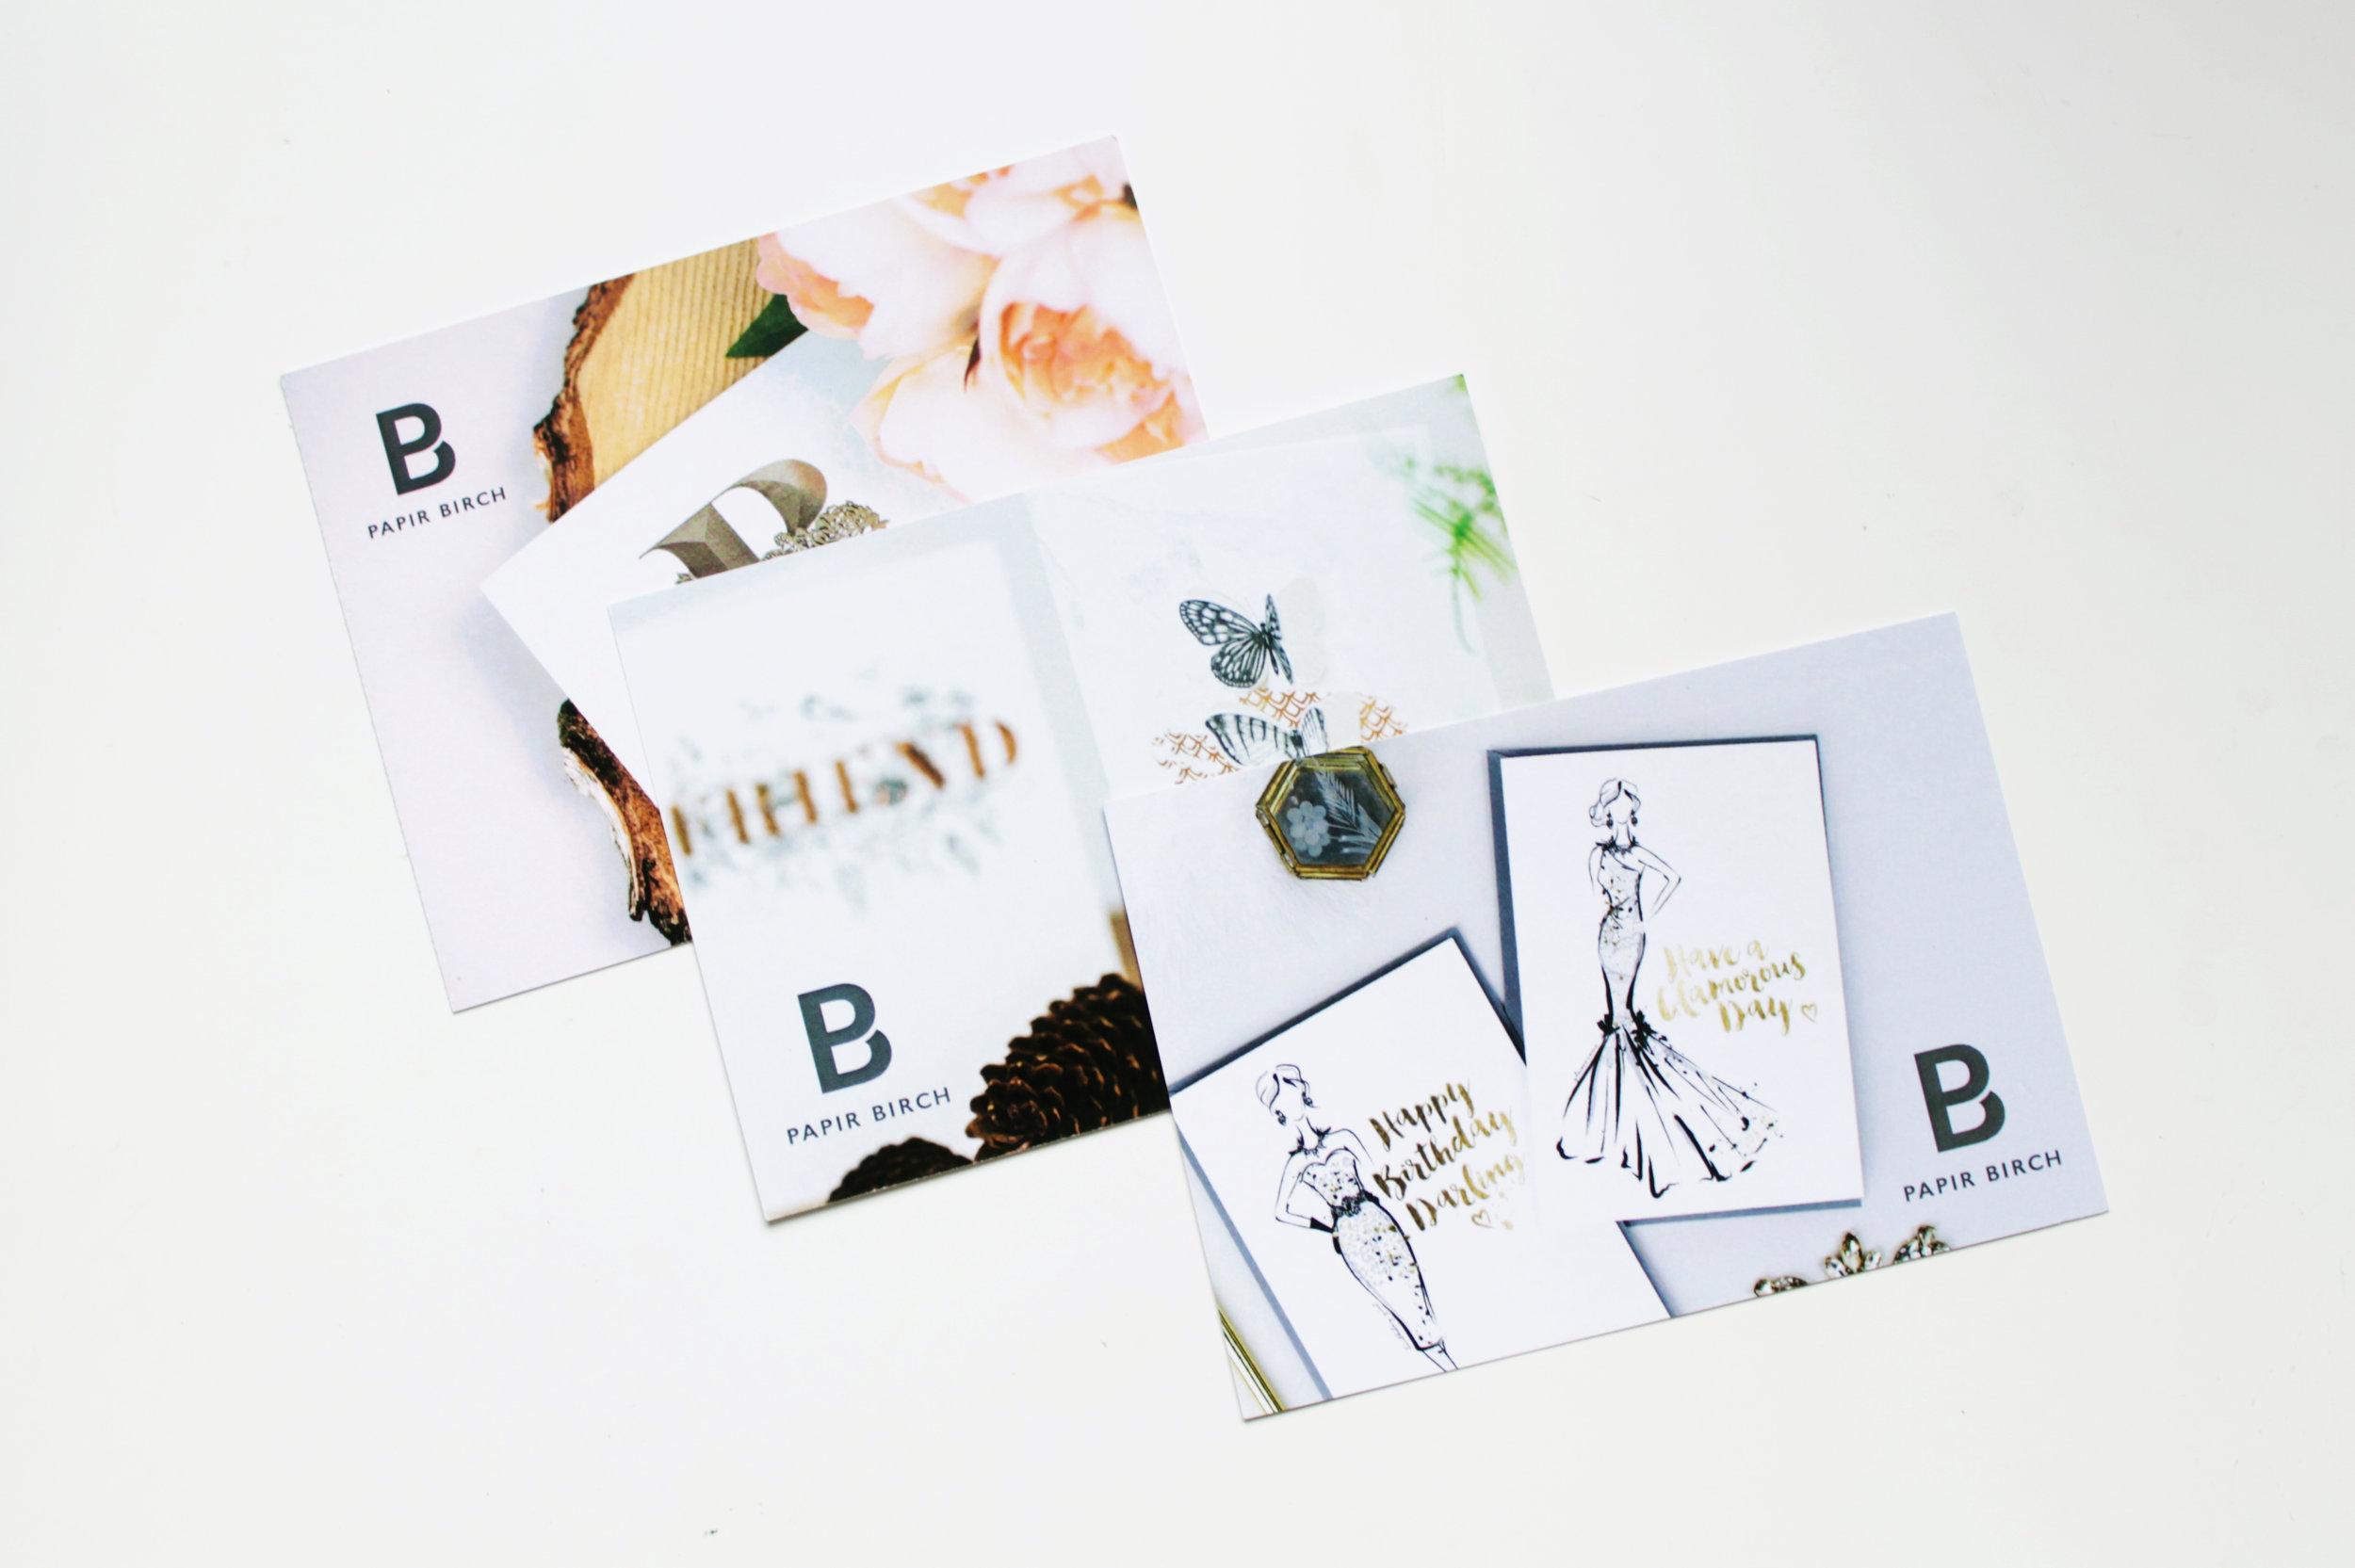 Buttercrumble - Papir Birch - Postcards 4.jpg